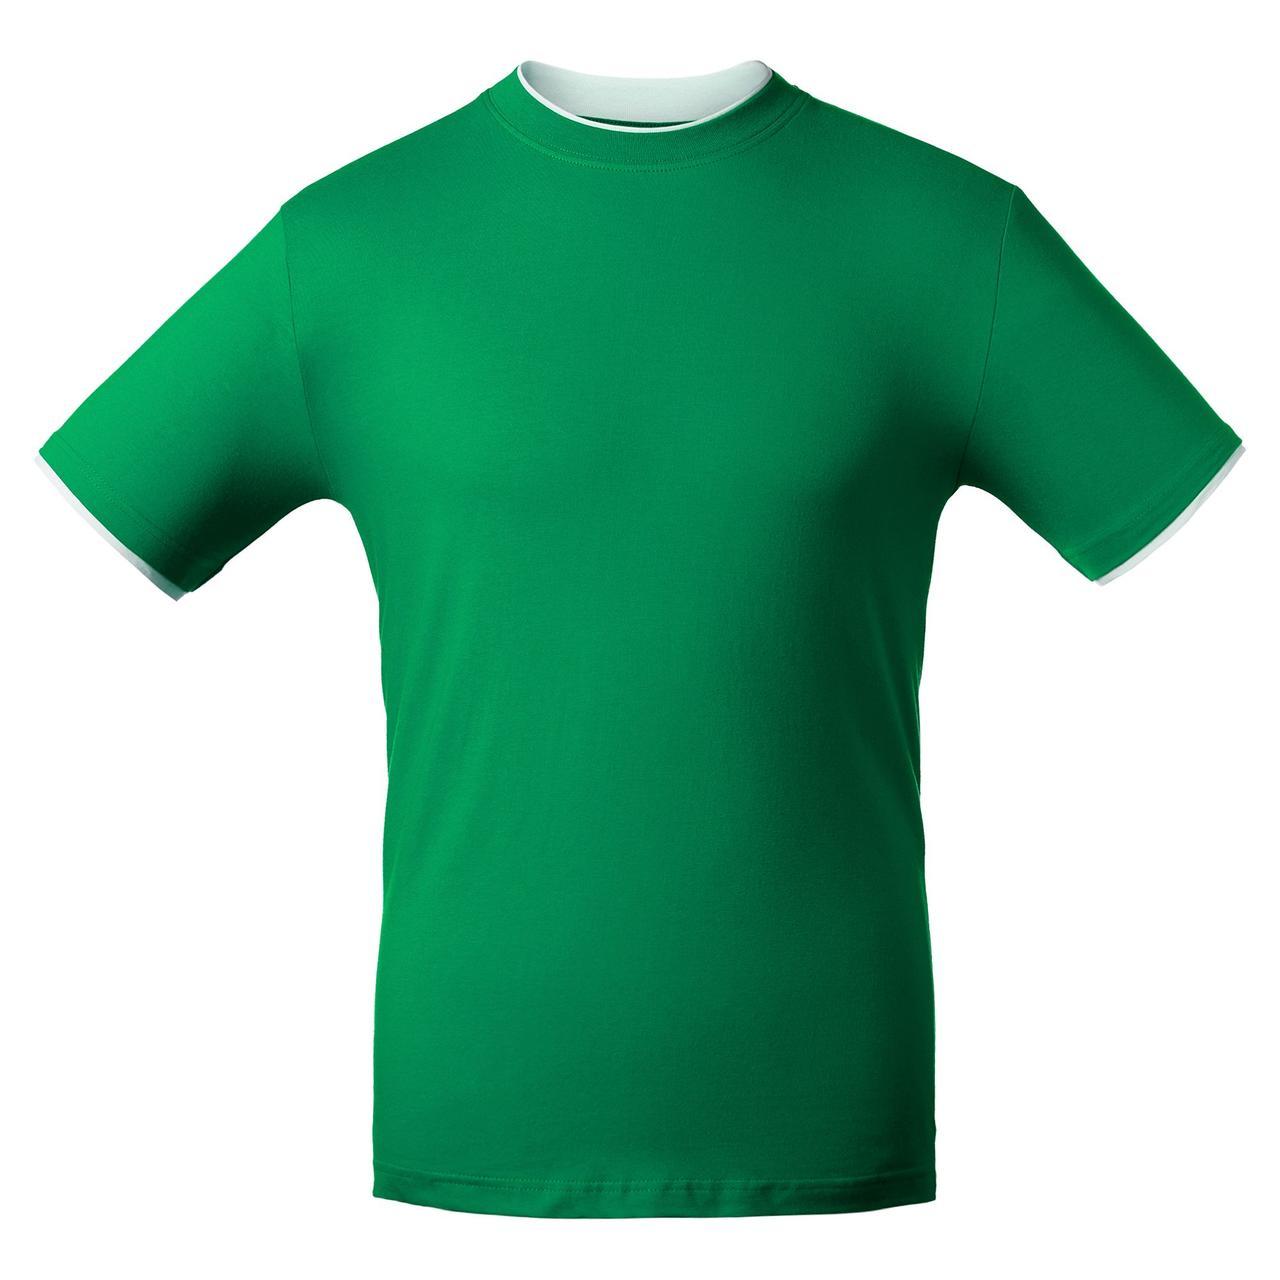 Футболка T-bolka Accent, зеленая (артикул 1339.92)